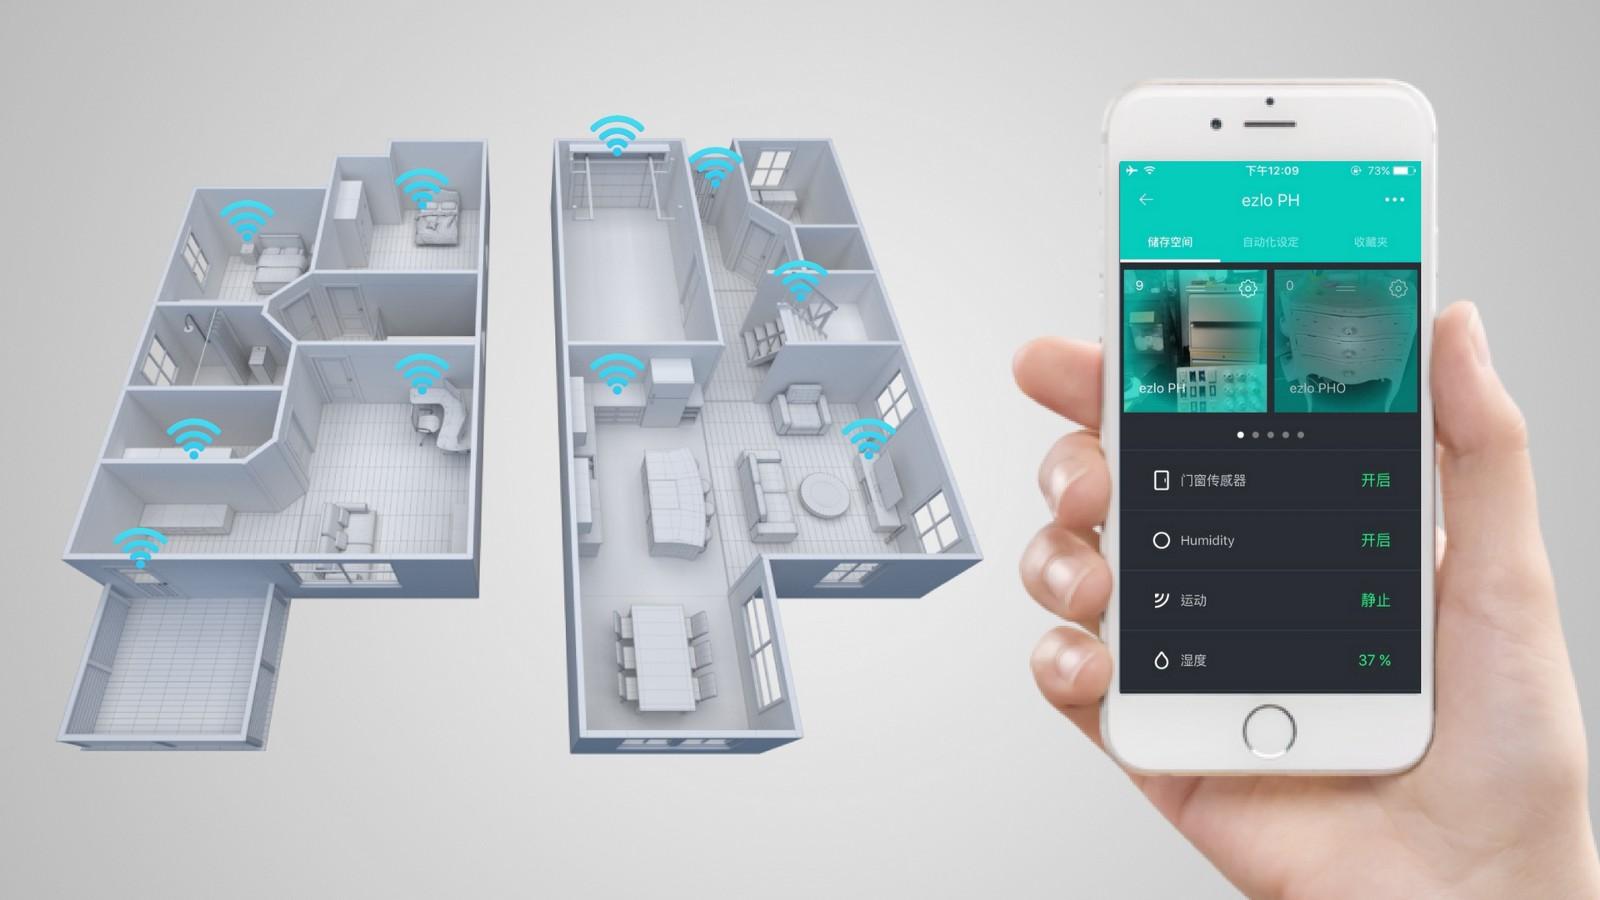 Умные лампочки home kit. умный дом от apple home kit: поддерживаемые устройства и настройка системы